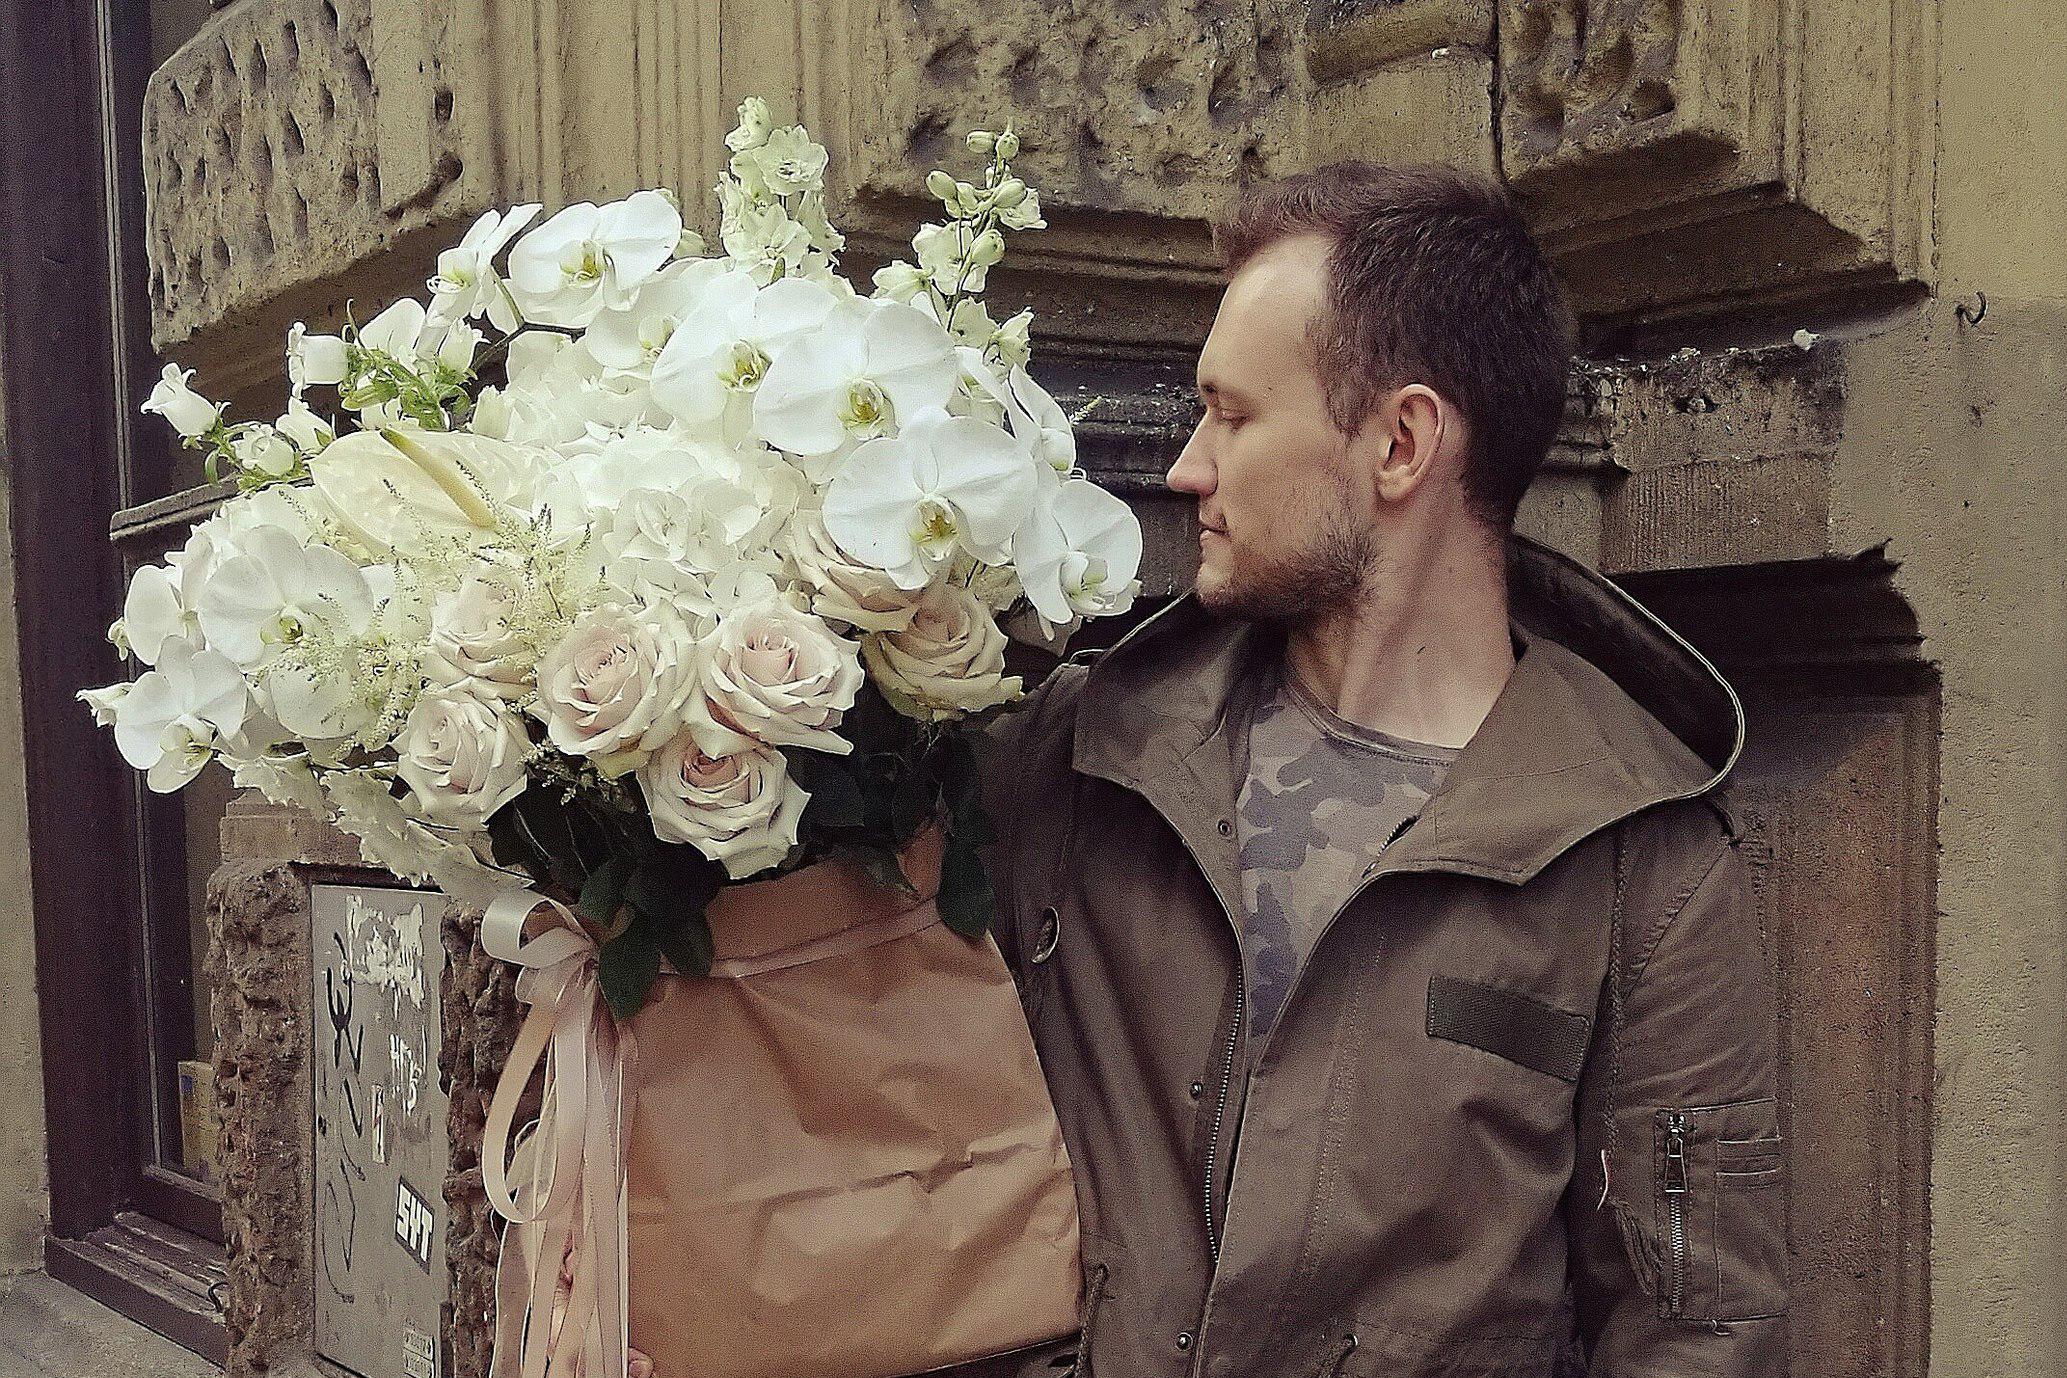 «Тут это не работает»: флорист переехал из Кольцово в Прагу — он назвал главные ошибки экспата